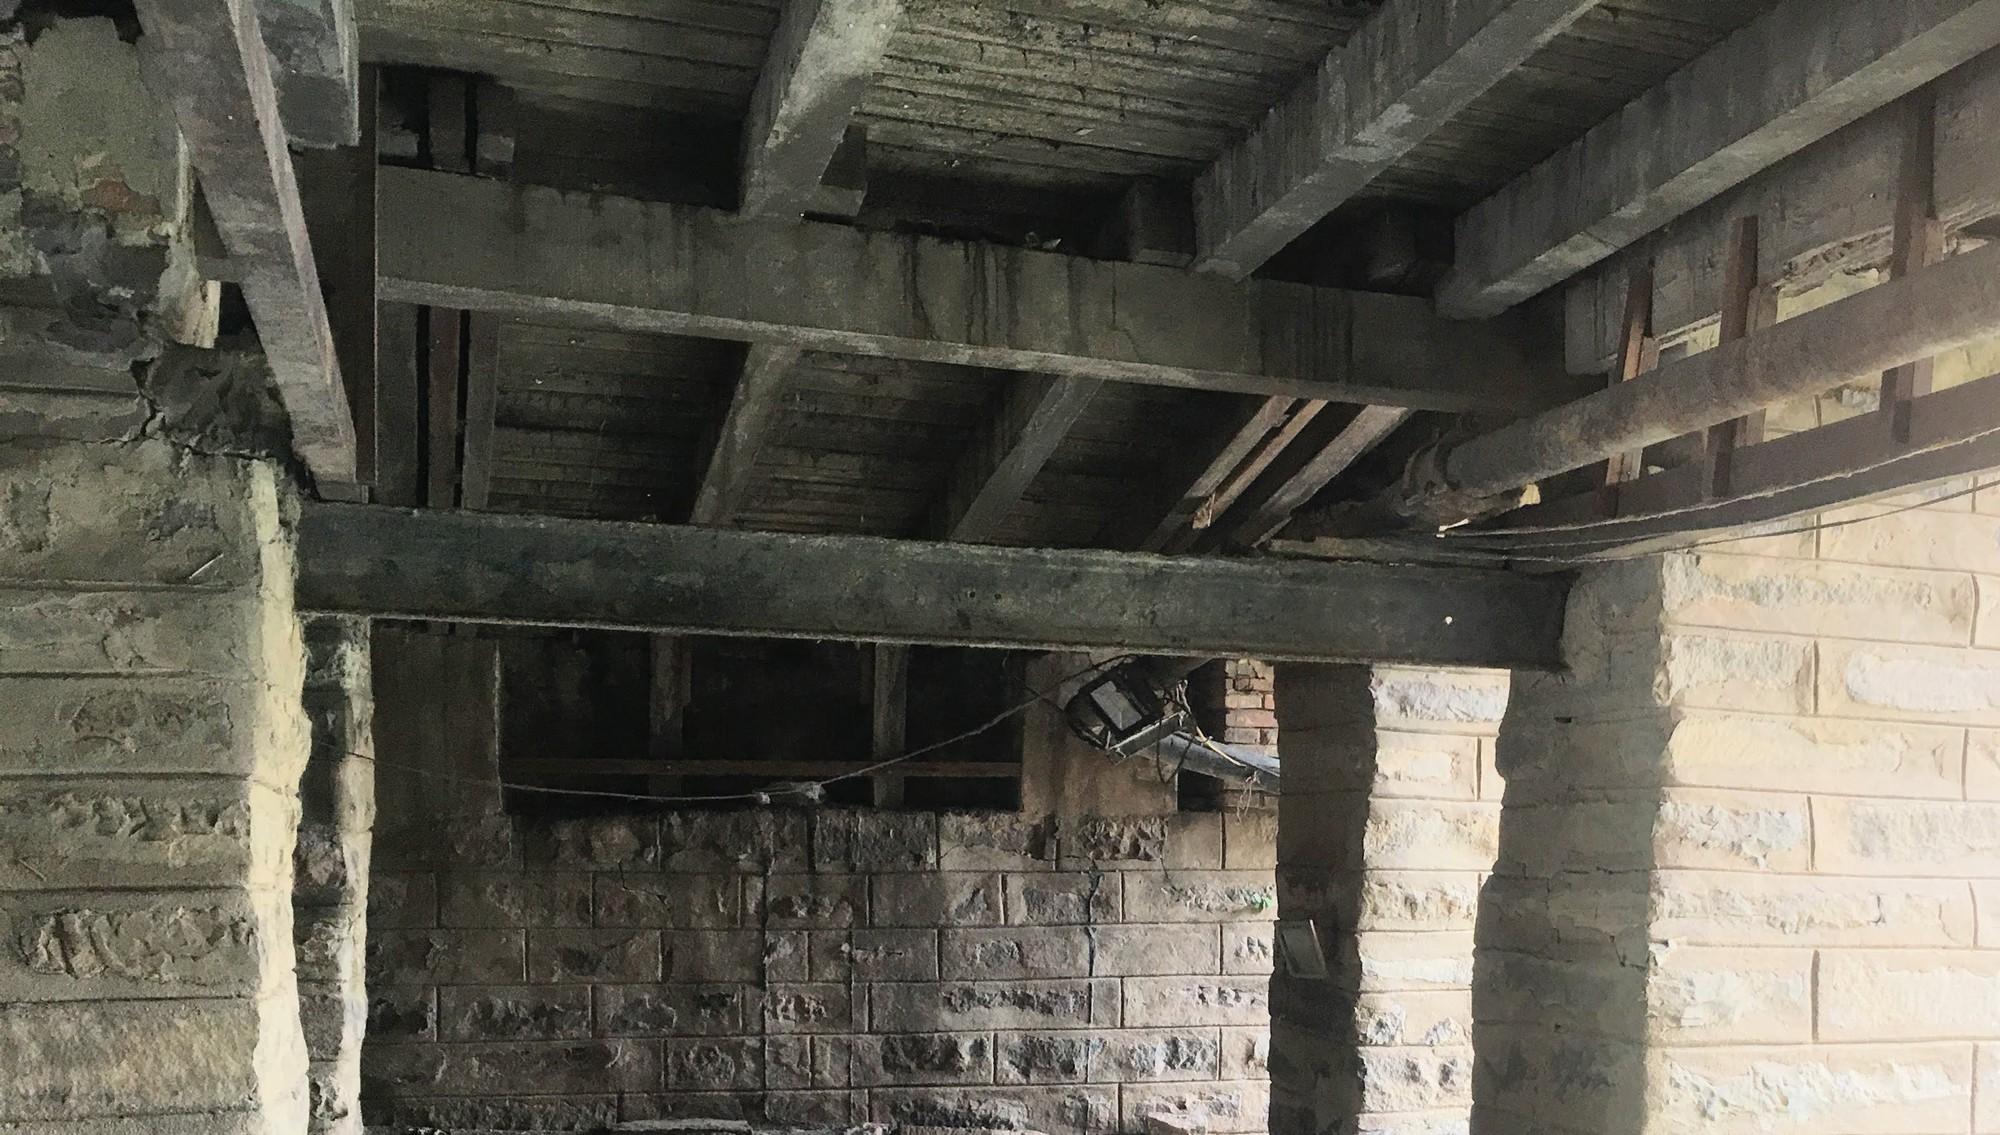 Khách du lịch nín thở vì nước thải, ô nhiễm ở Chùa Cầu Hội An - Ảnh 3.